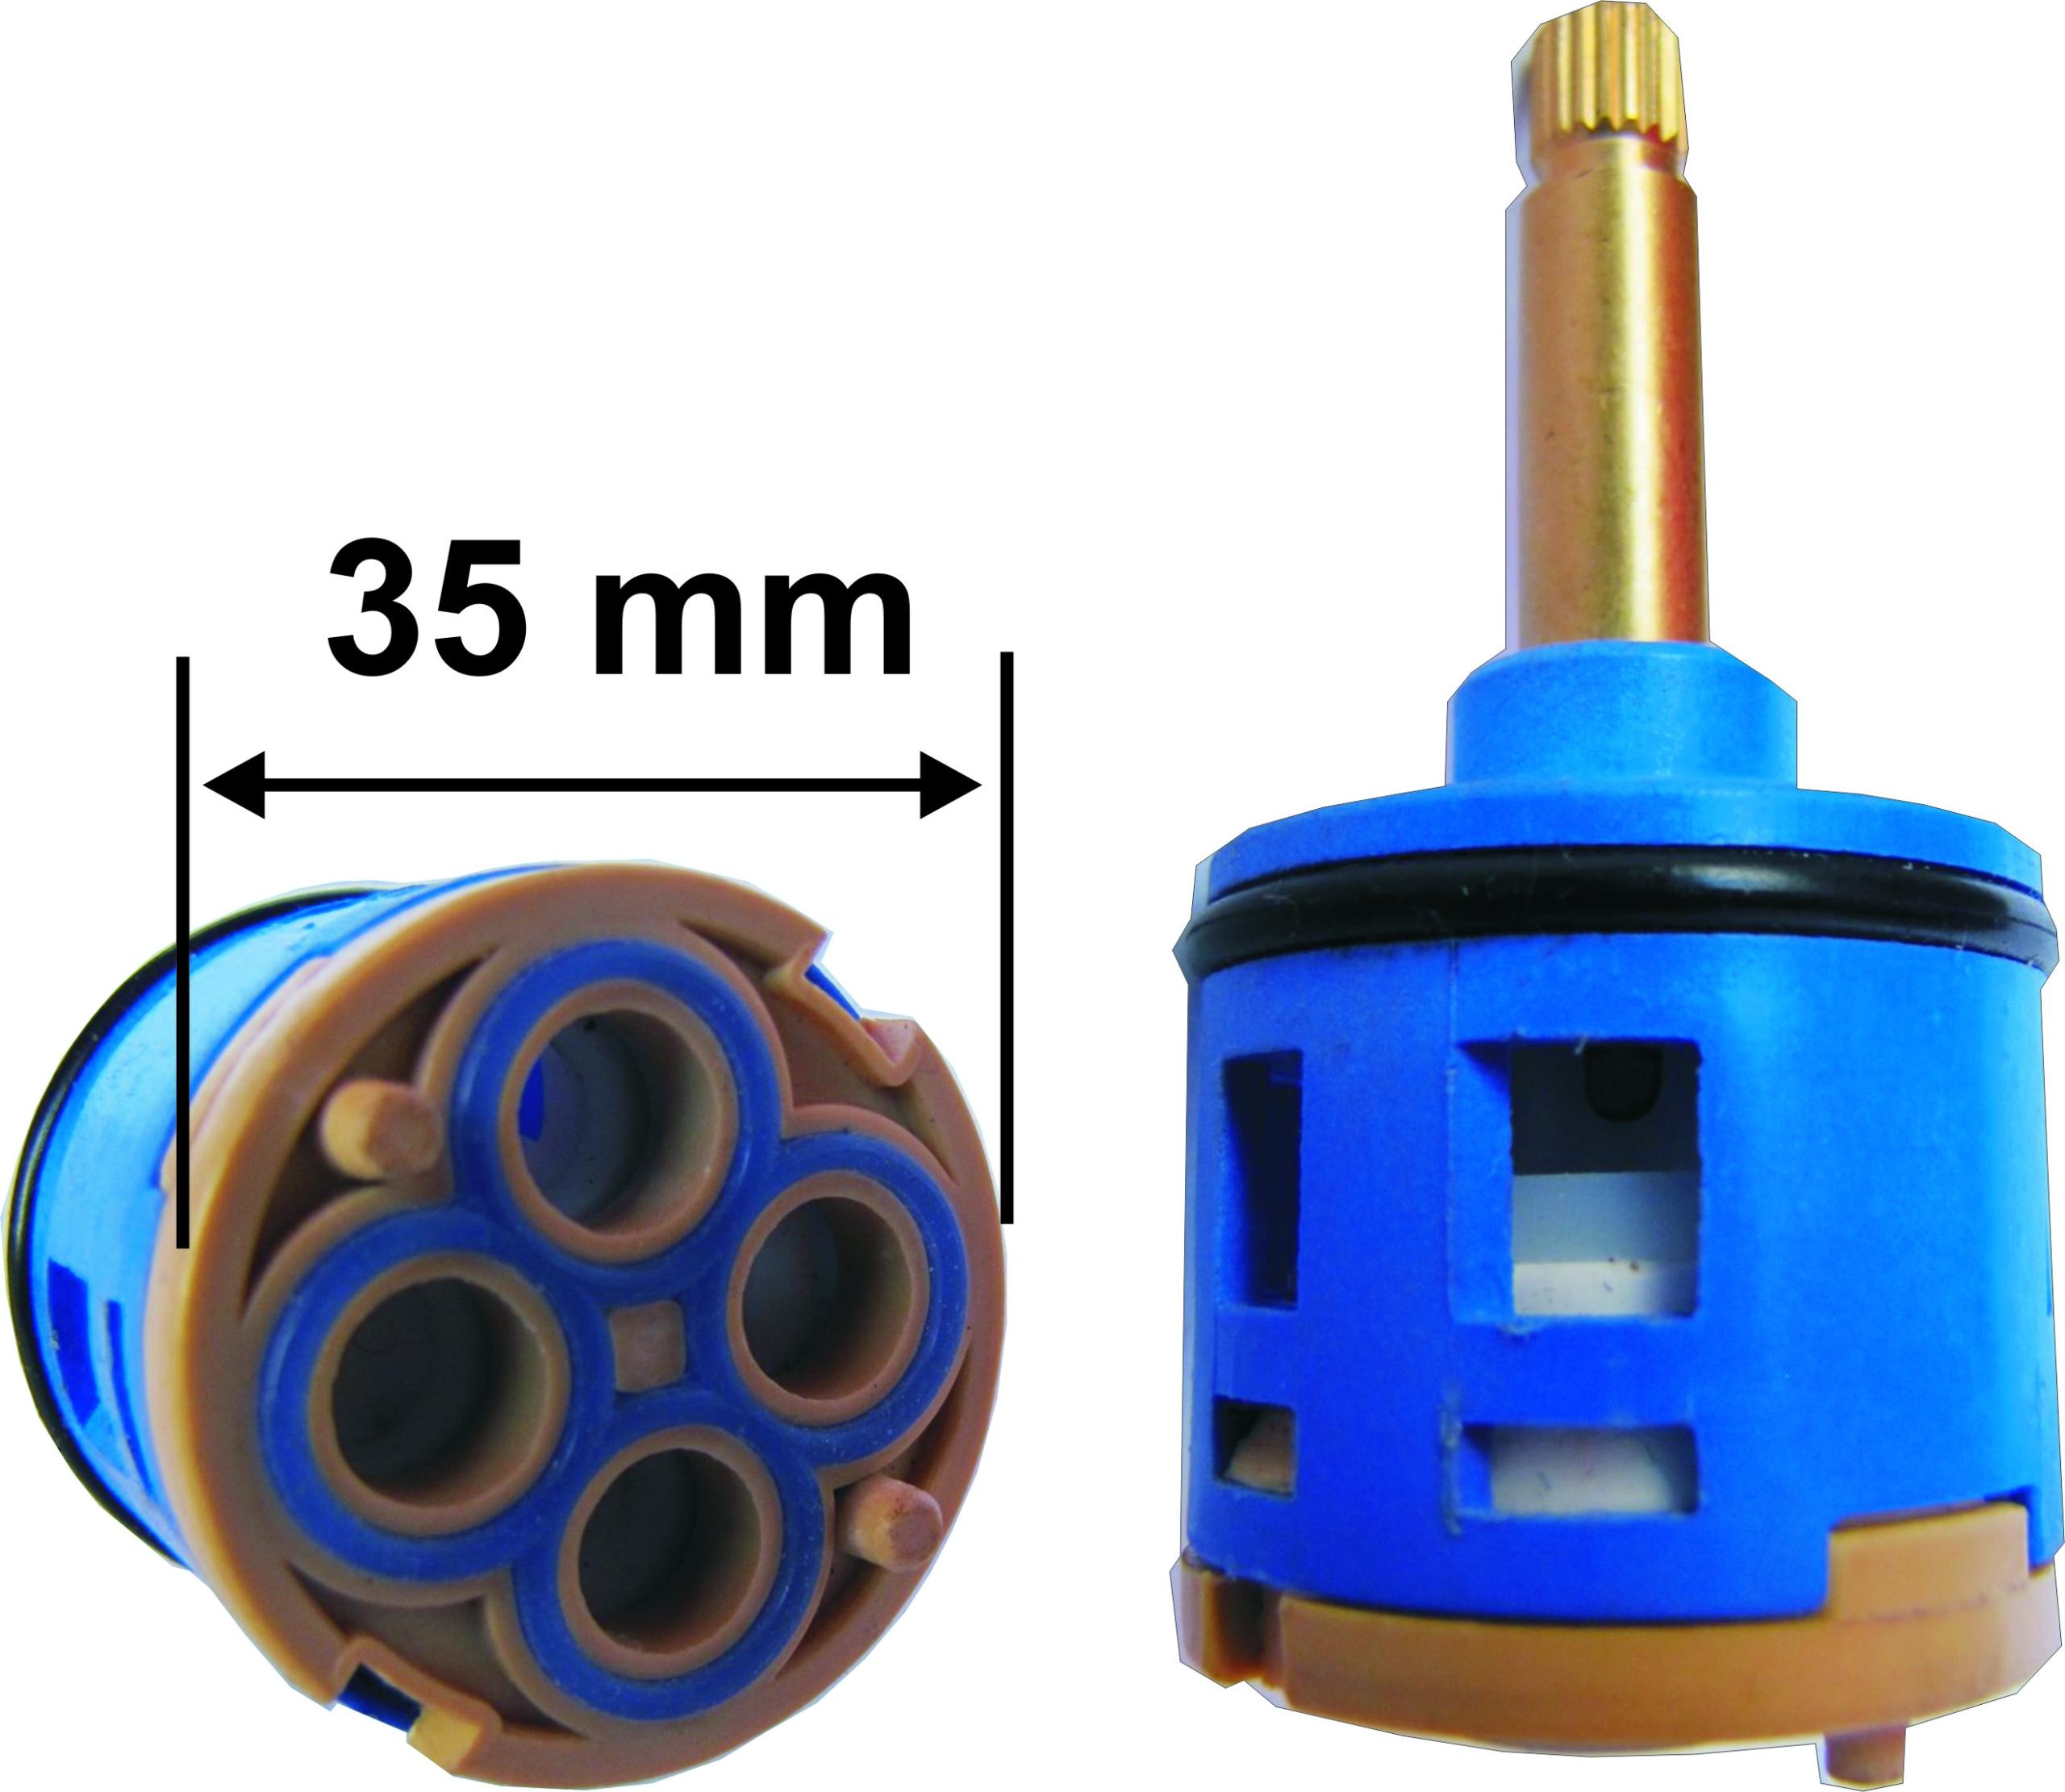 HLAVA - SPÍNAČ 4 FUNKCIE 35mm 29 / 39mm